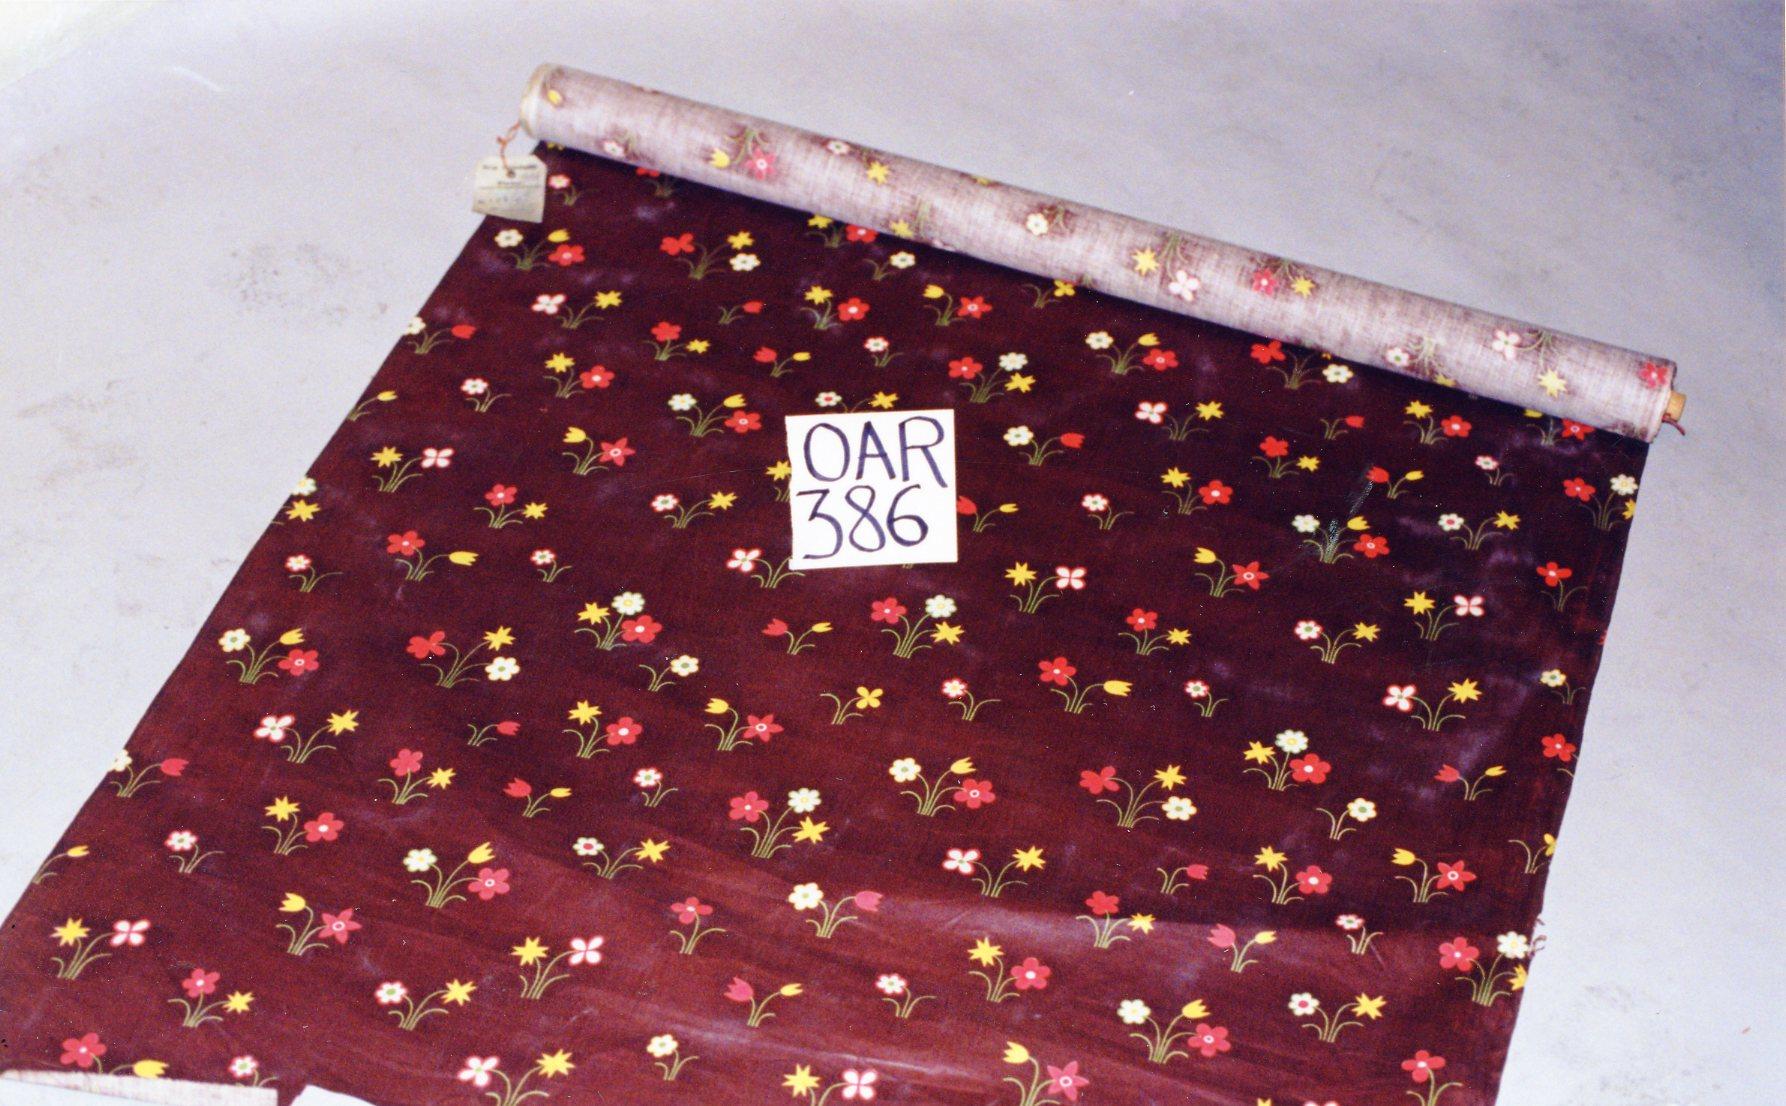 mnr/OAR00386/OAR386001.jpg